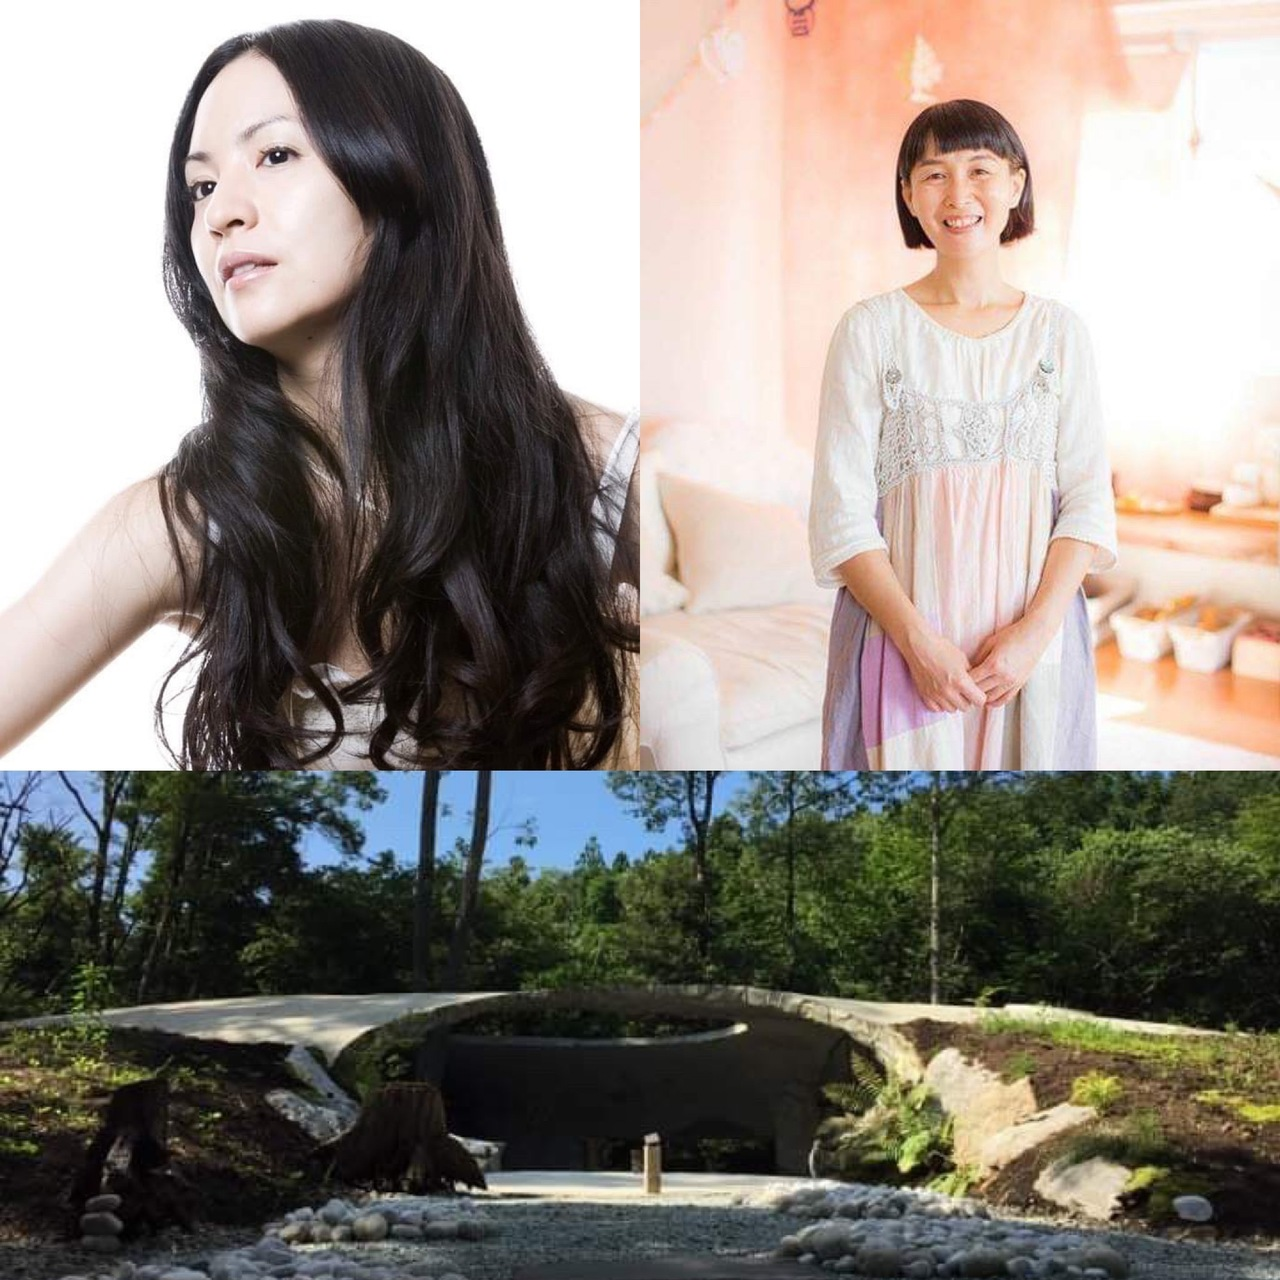 カヒミ・カリィ「にきたま」× 虹乃美稀子 「小さなお家の十二か月」 出版記念 トークショー&サイン会